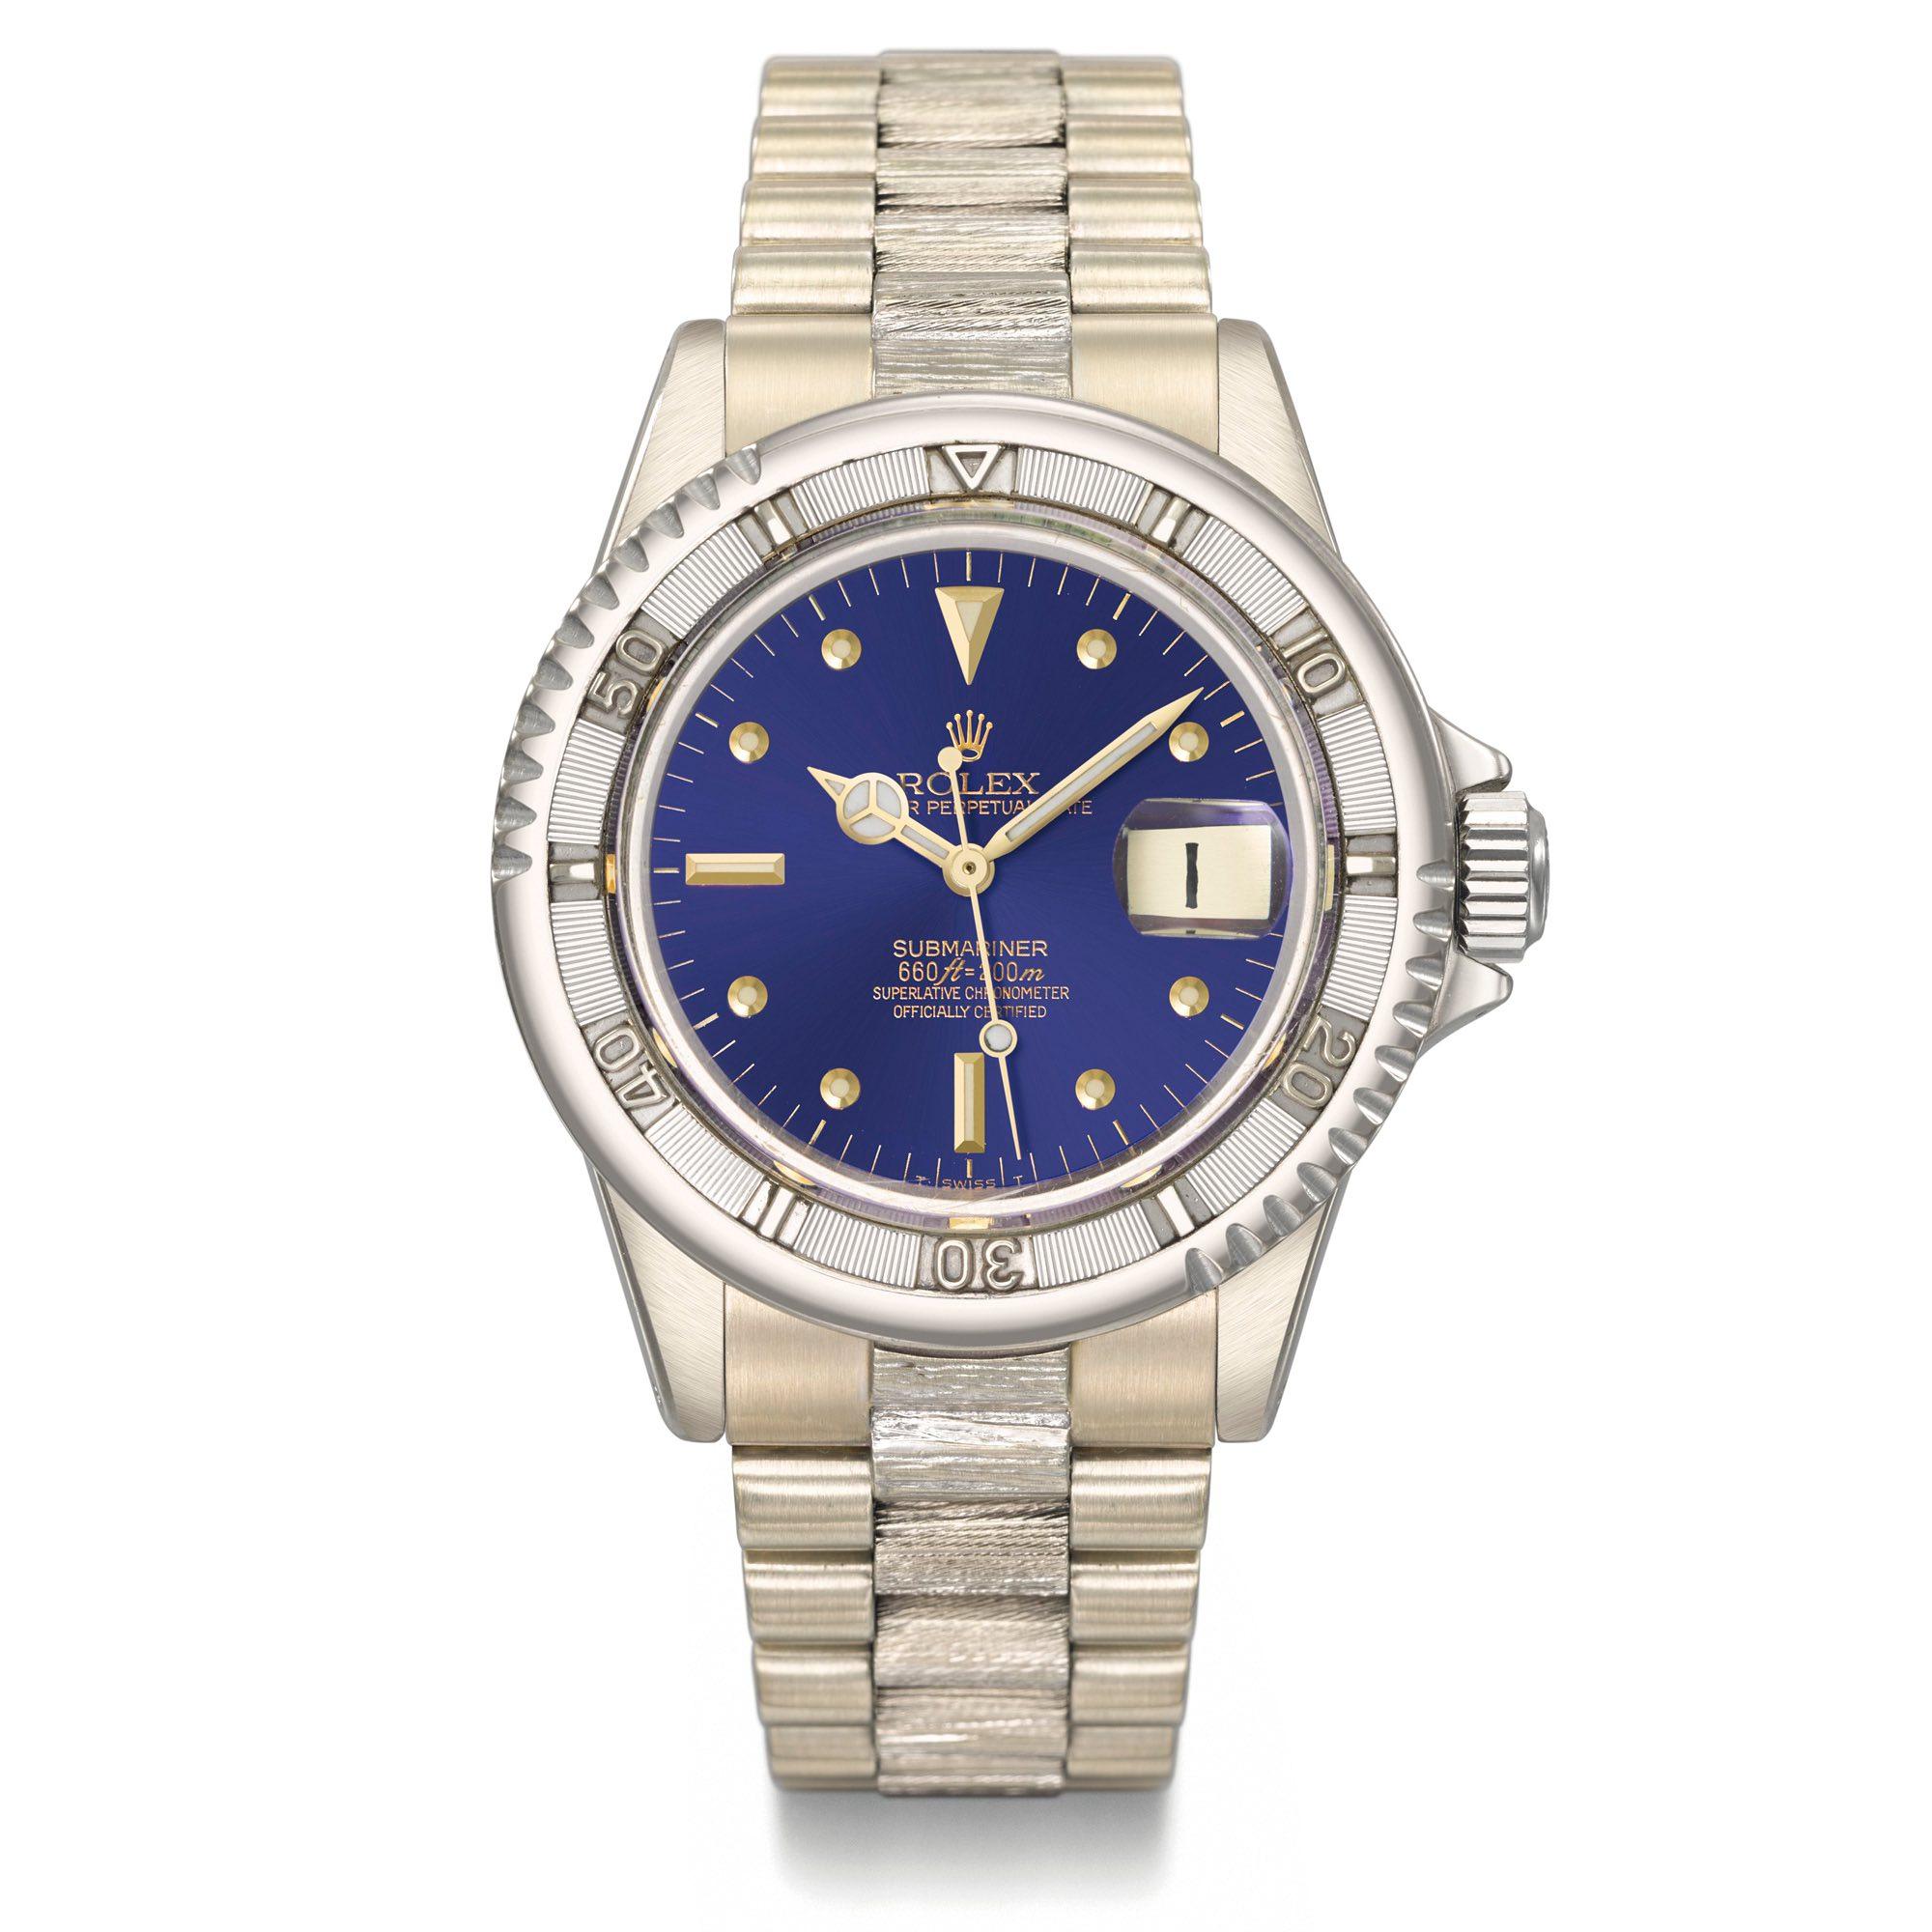 christies submariner - Top 10 Duurste Rolex Horloges ter Wereld